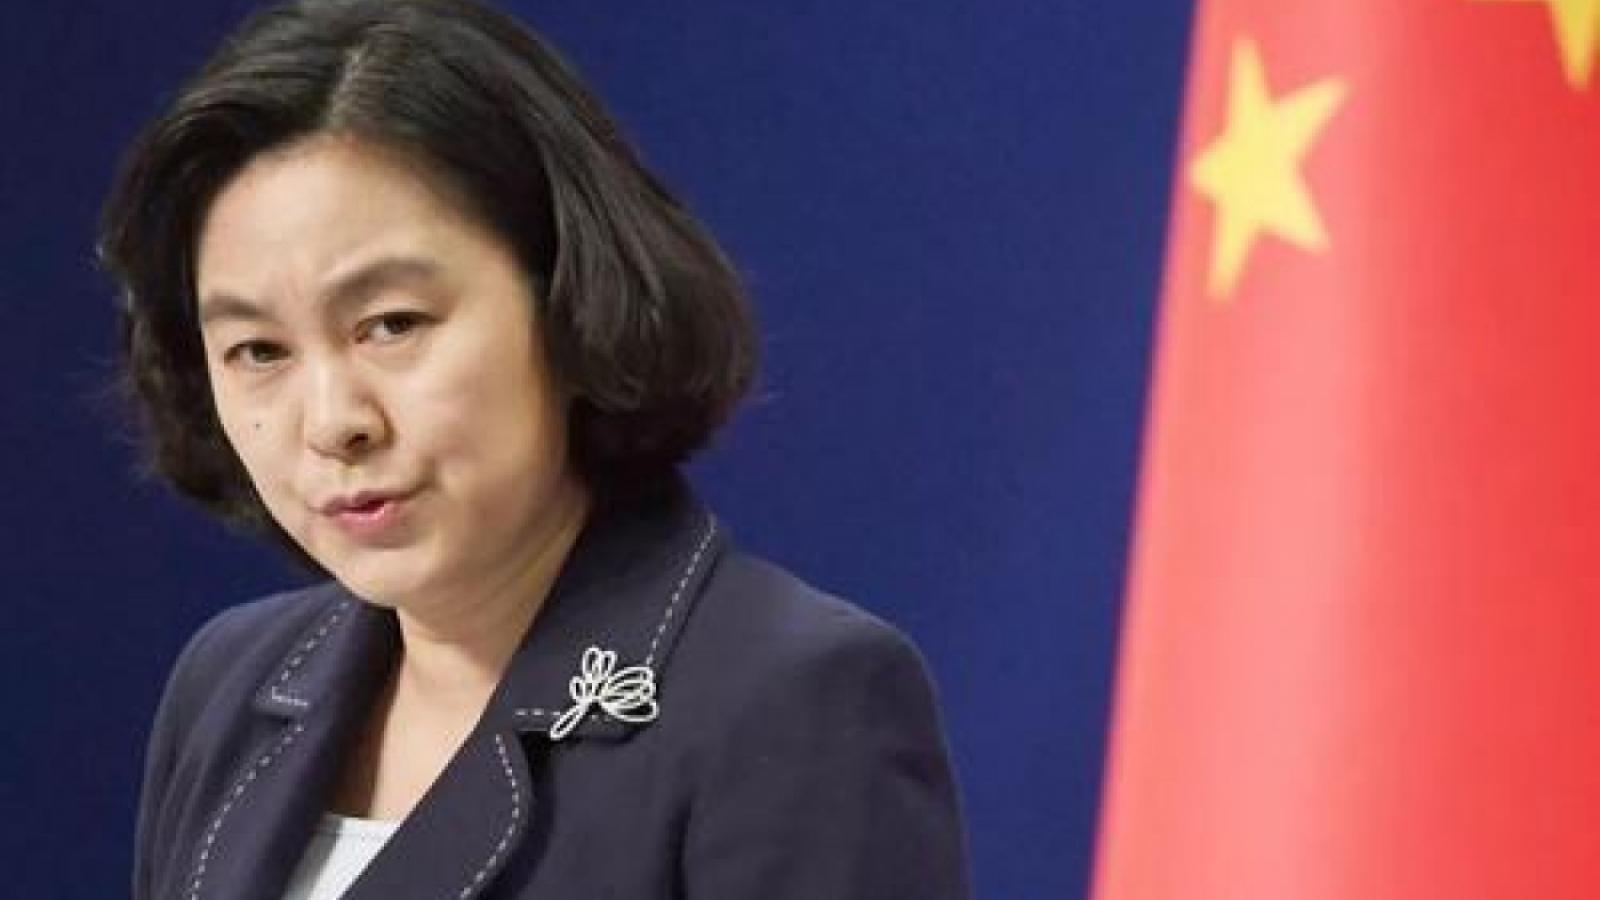 """Trung Quốc """"trừng phạt đối đẳng"""" Mỹ về vấn đề Hong Kong"""